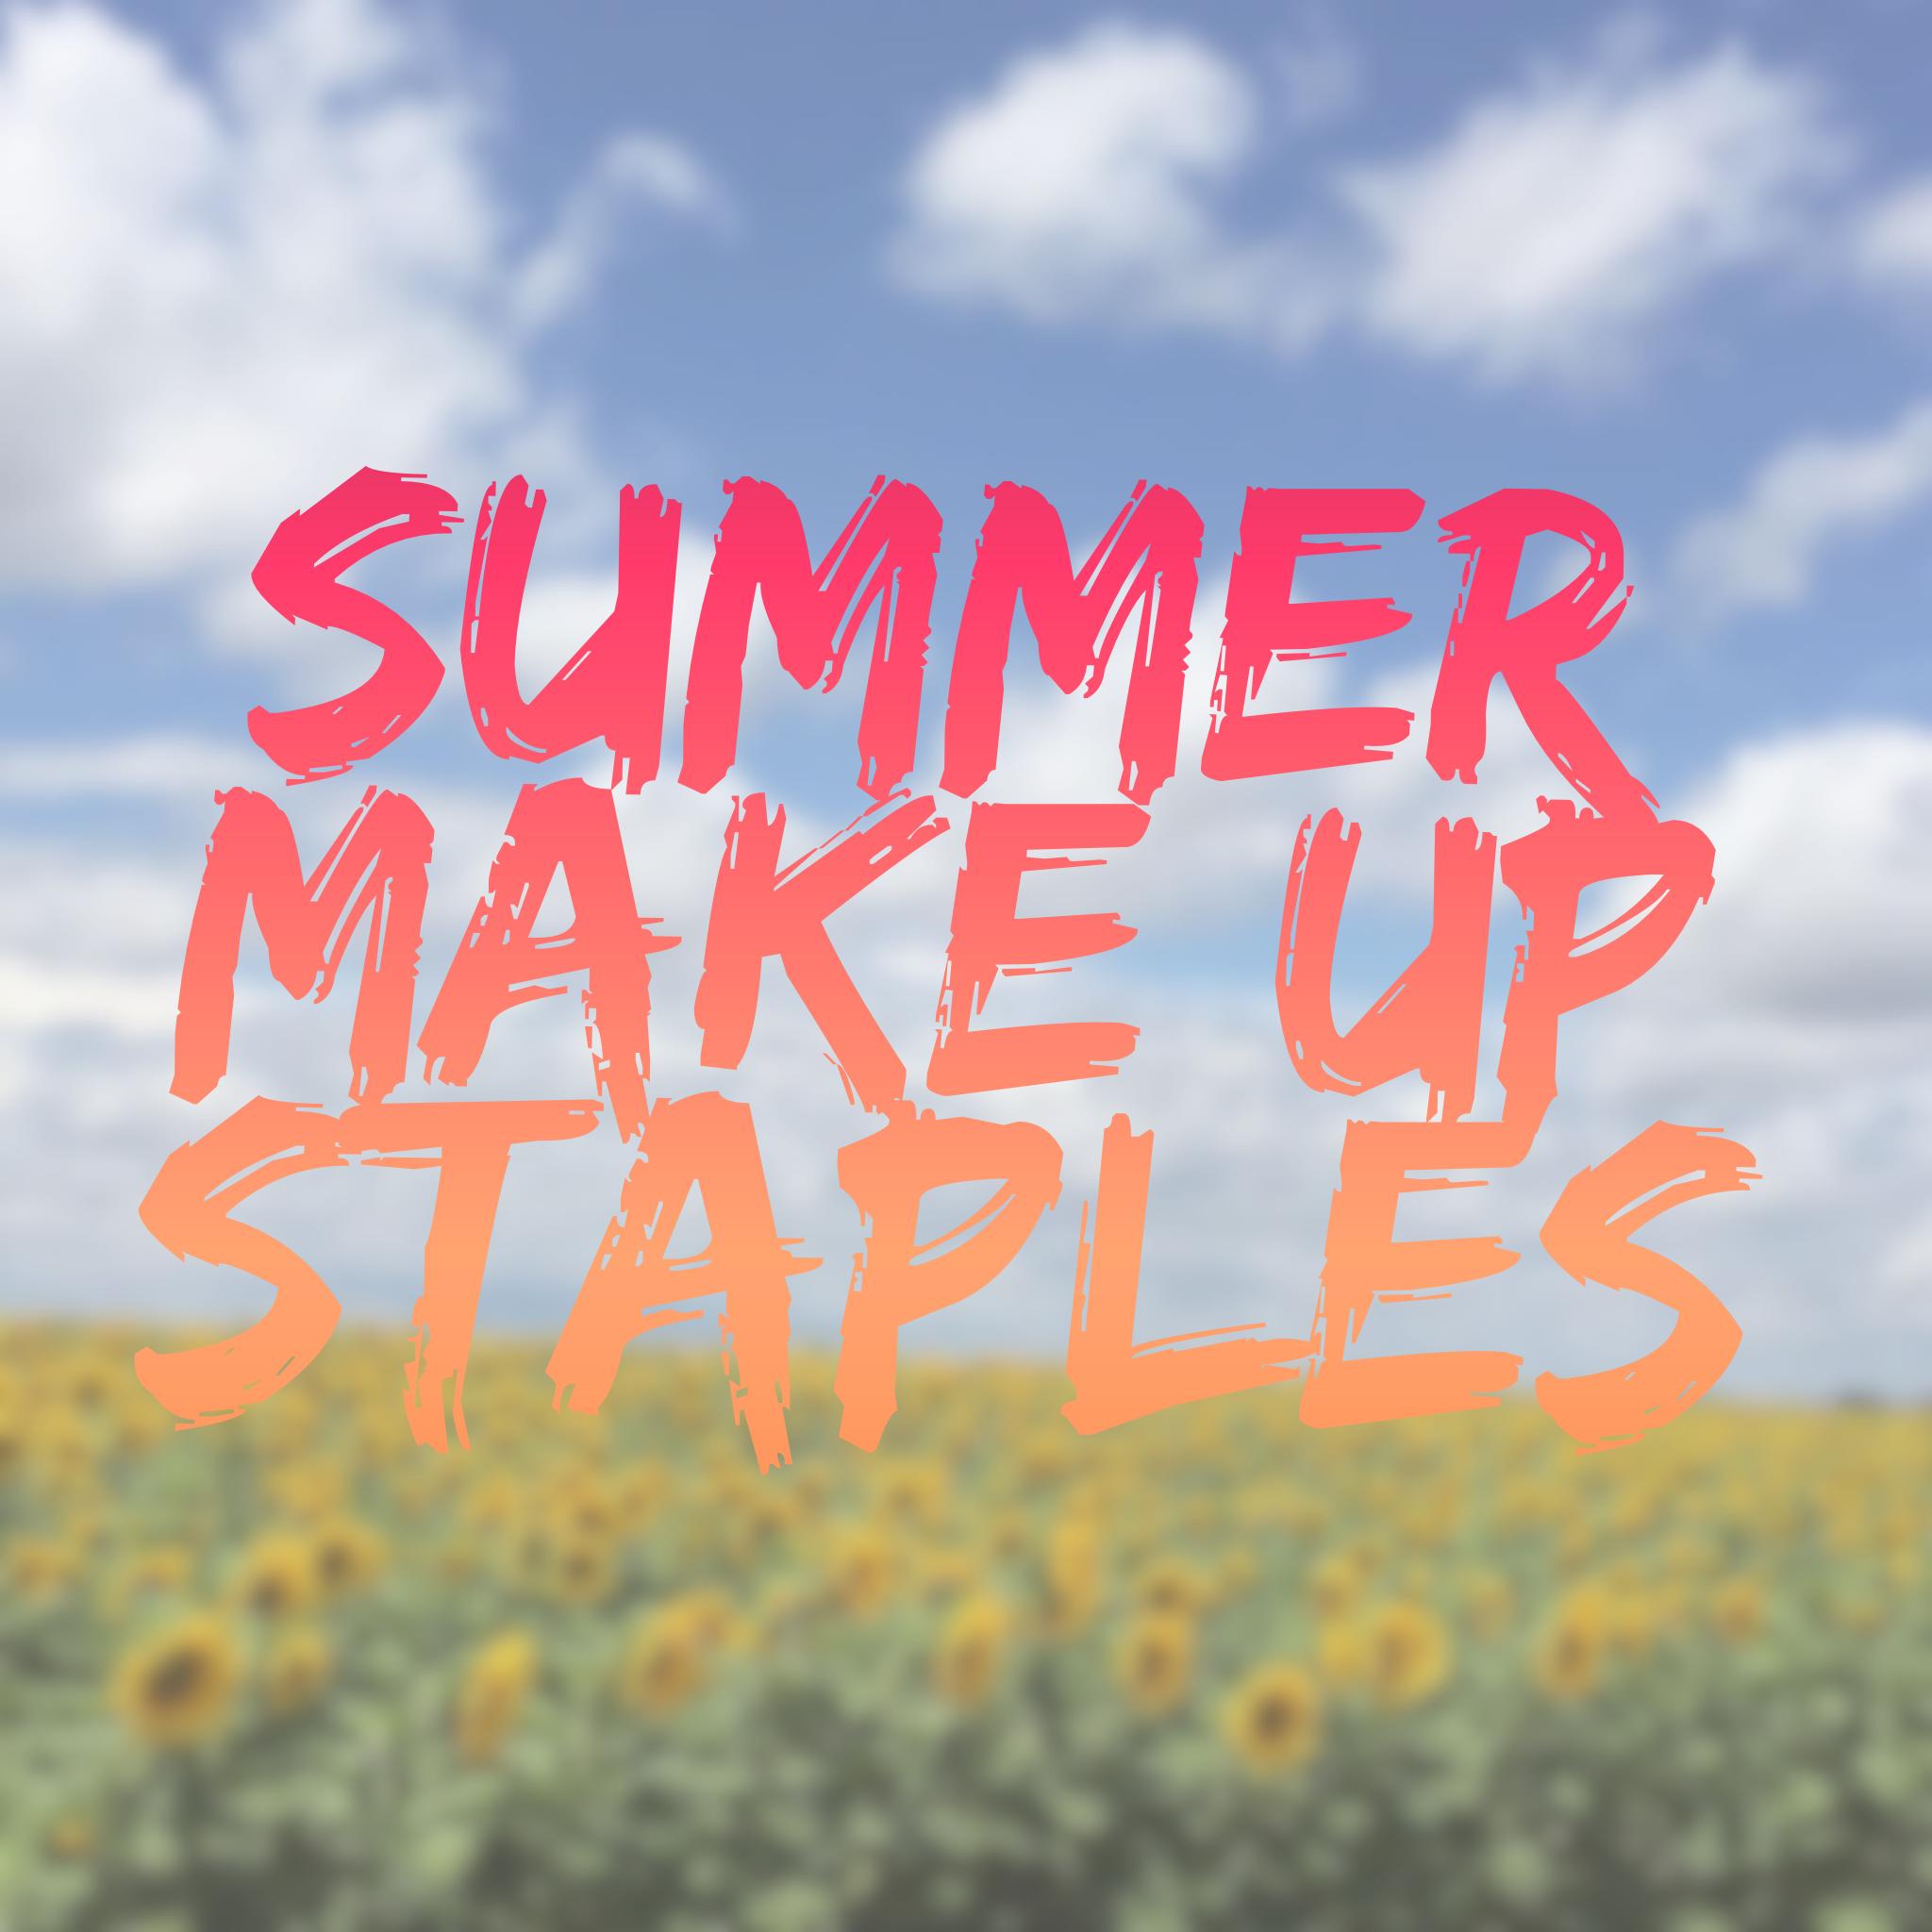 Summer Make Up Staples - Talonted Lex